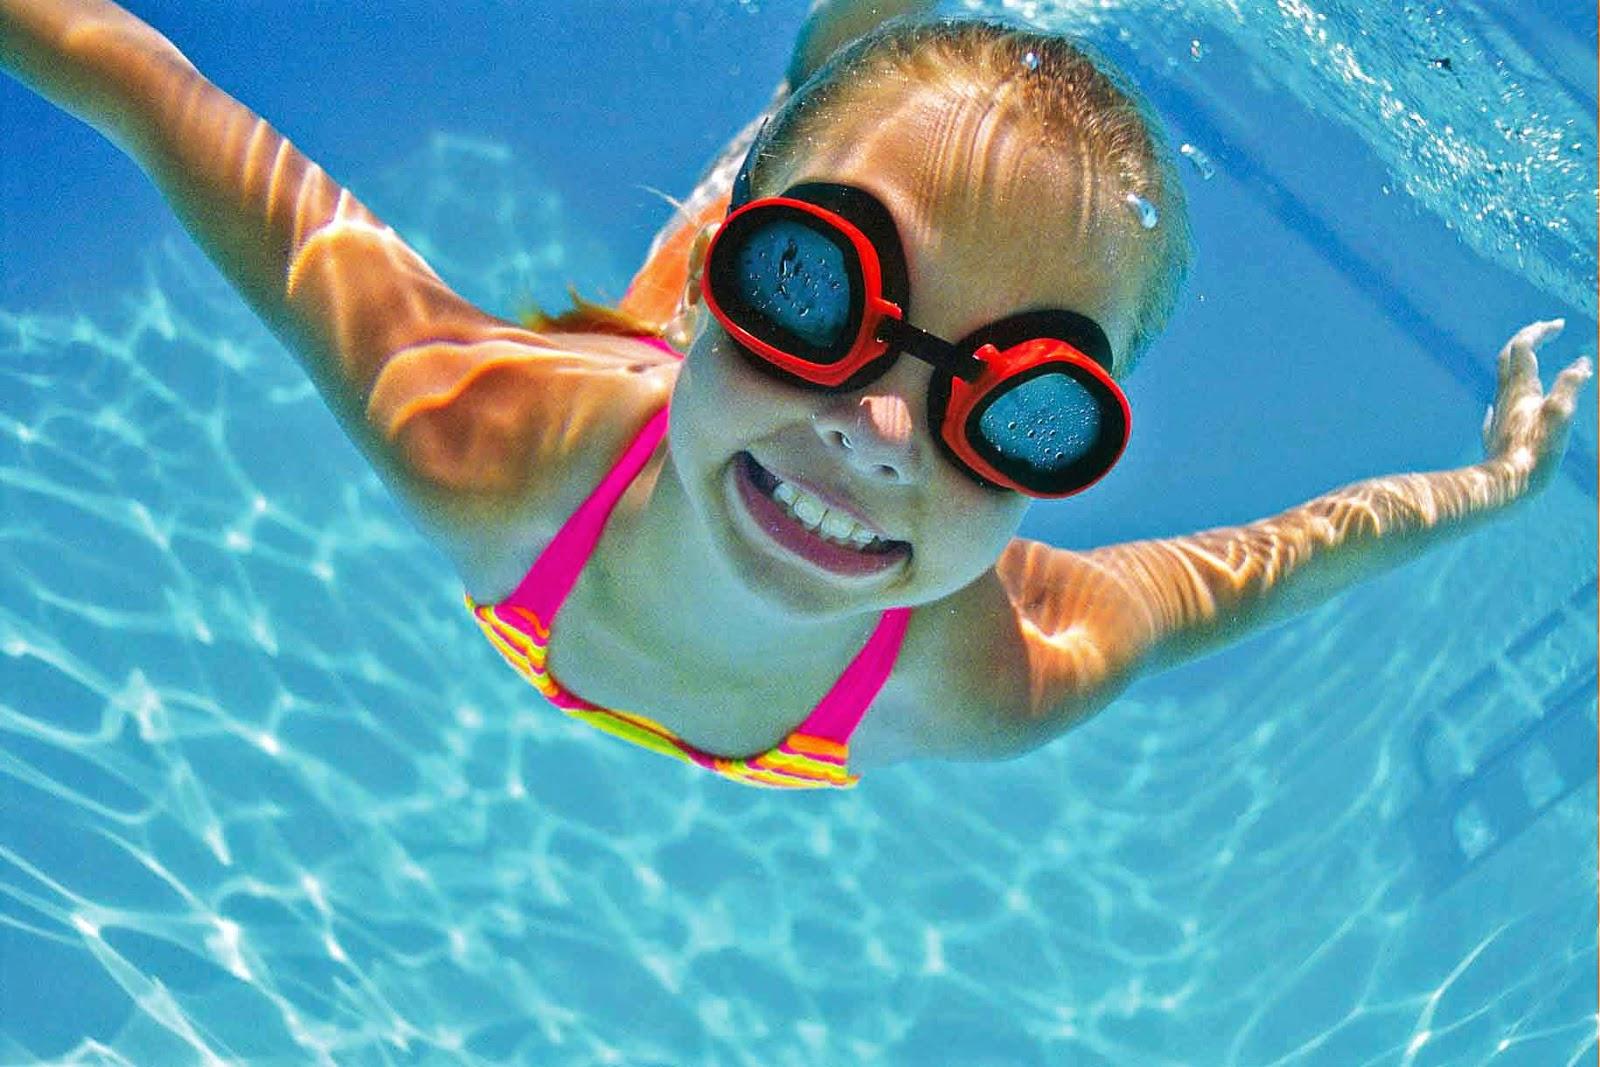 Для детей необходимо выбирать только качественные и надежные очки